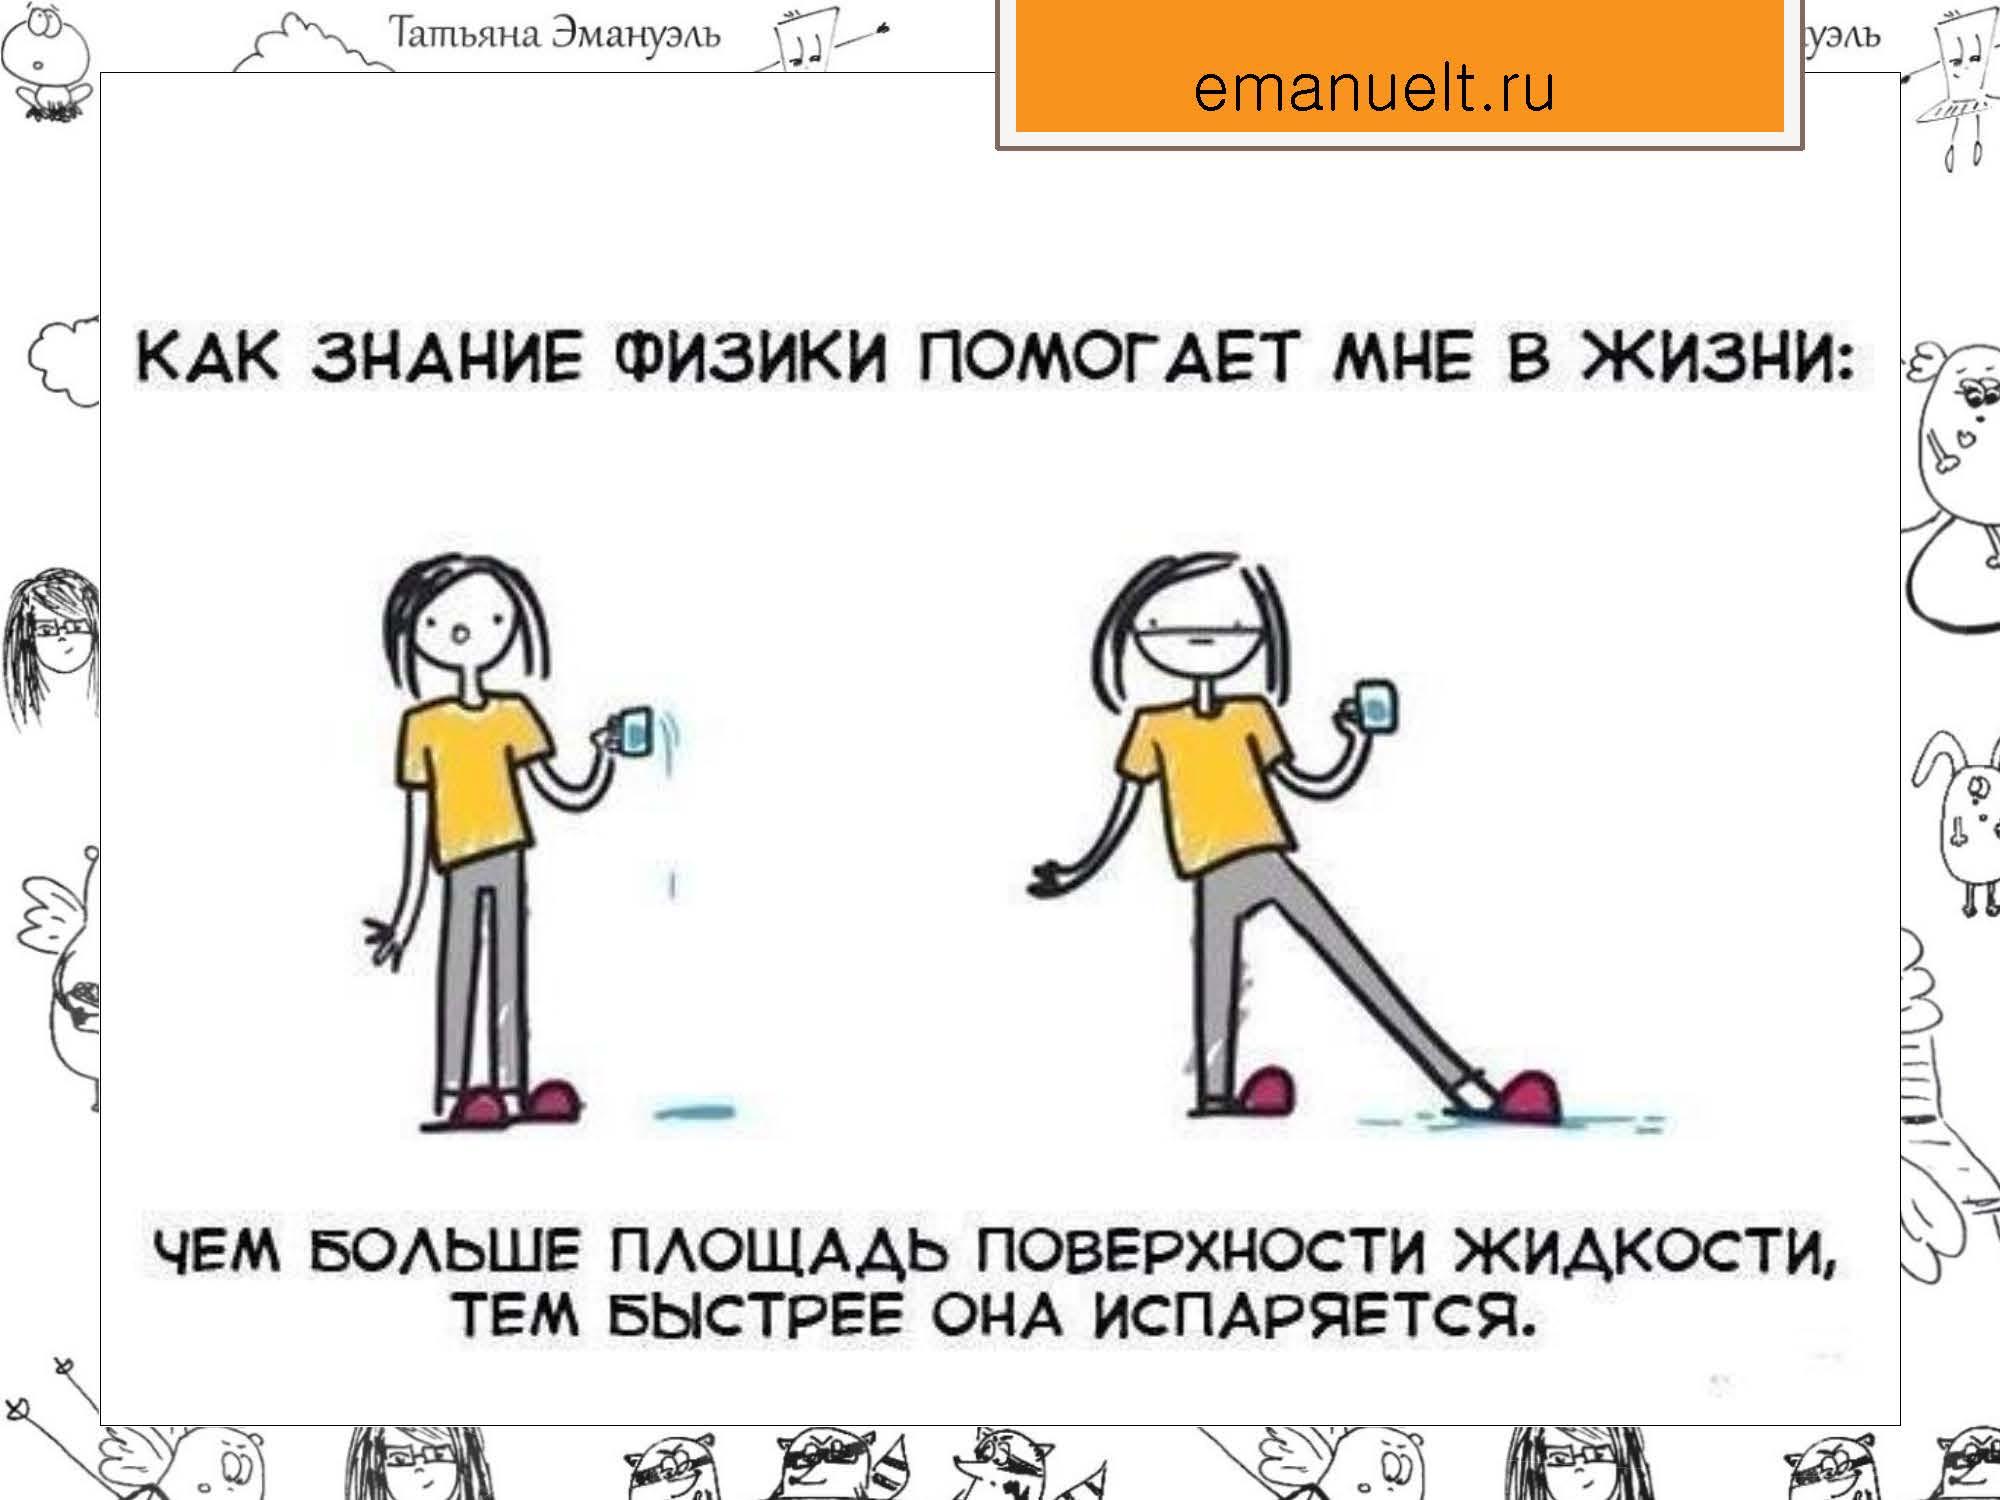 секция 8. Эмануэль Т.С., Московский район_Страница_43